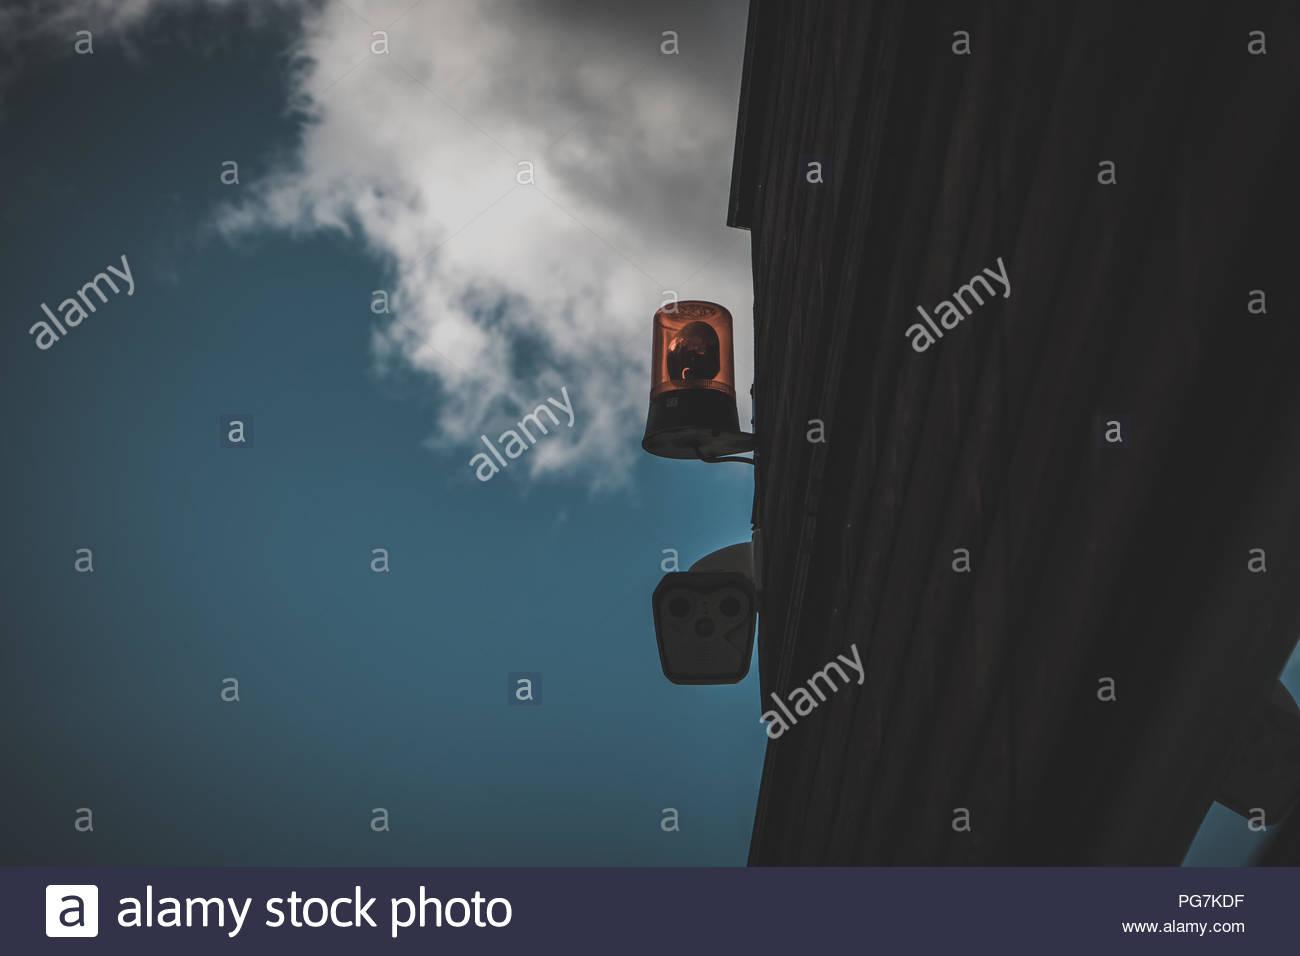 Surveillance Camera, Security Camera at a house facade, concept image, urban photography dark Stock Photo